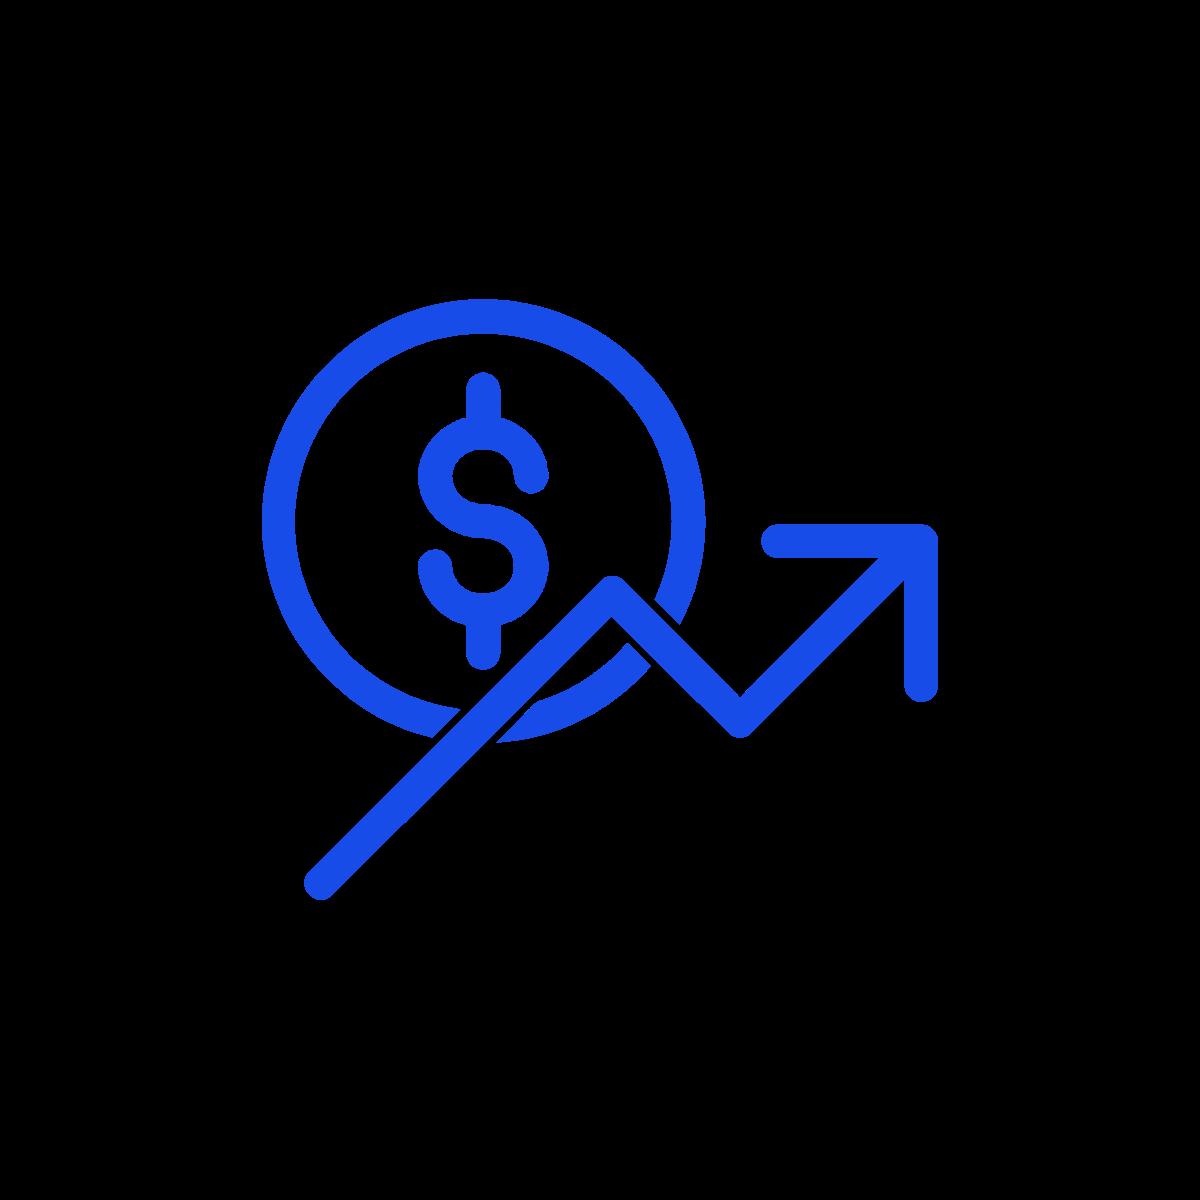 Increase revenue symbol